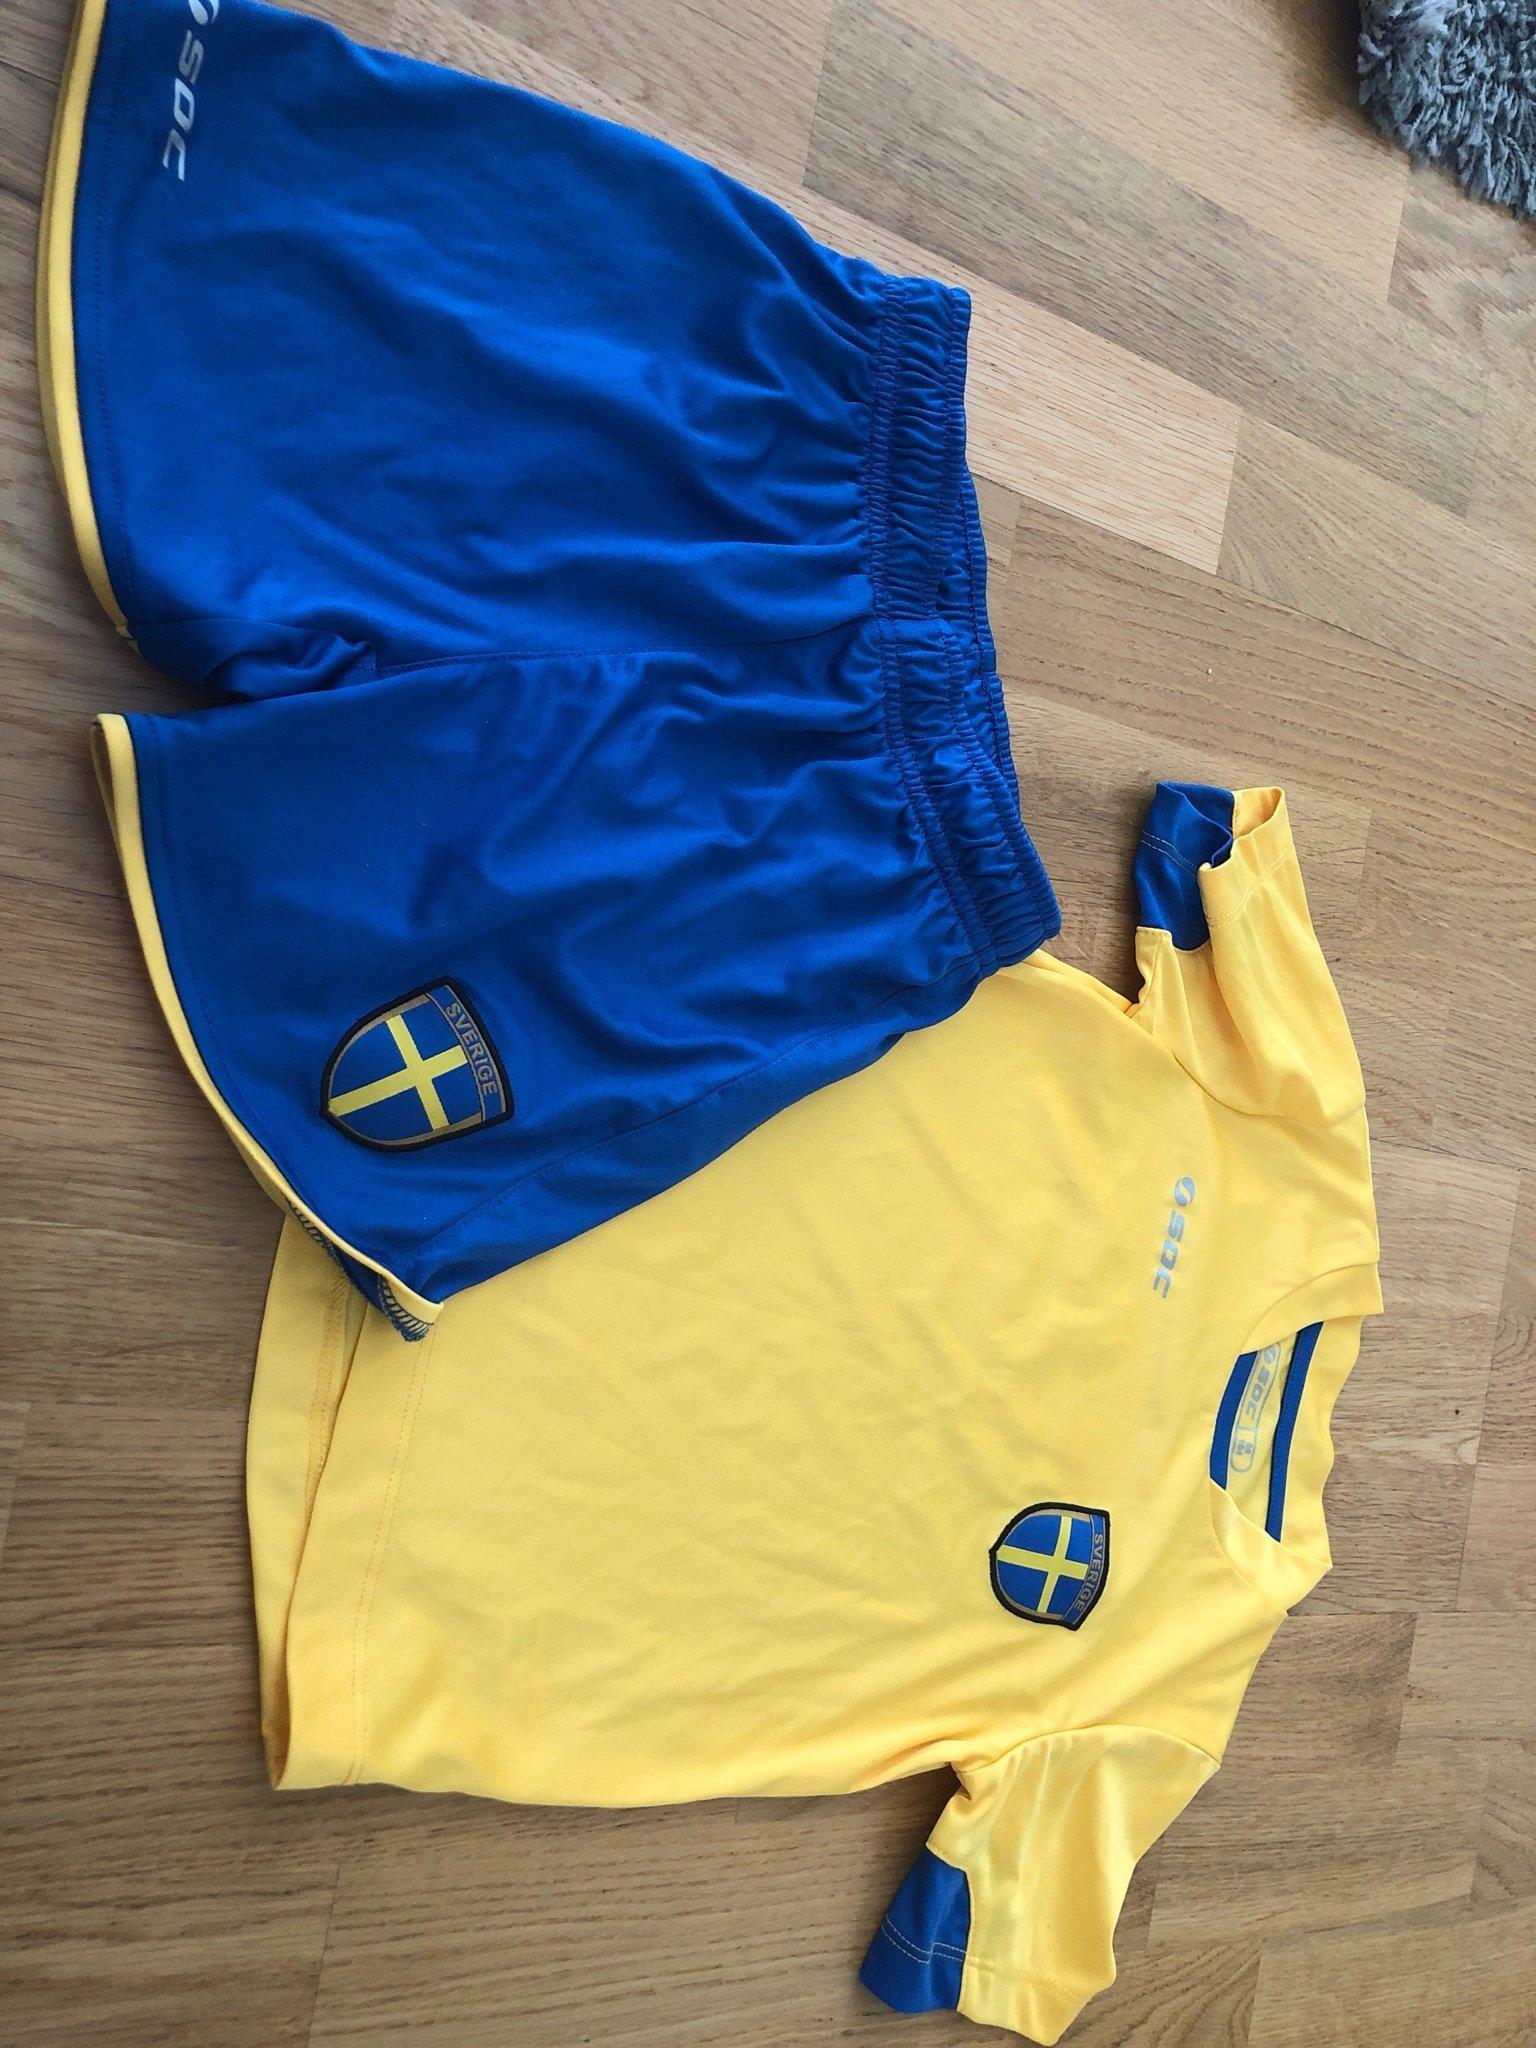 39420a064f94 Sverigekläder fotboll Sverige strl 98/104 (343819193) ᐈ Köp på Tradera